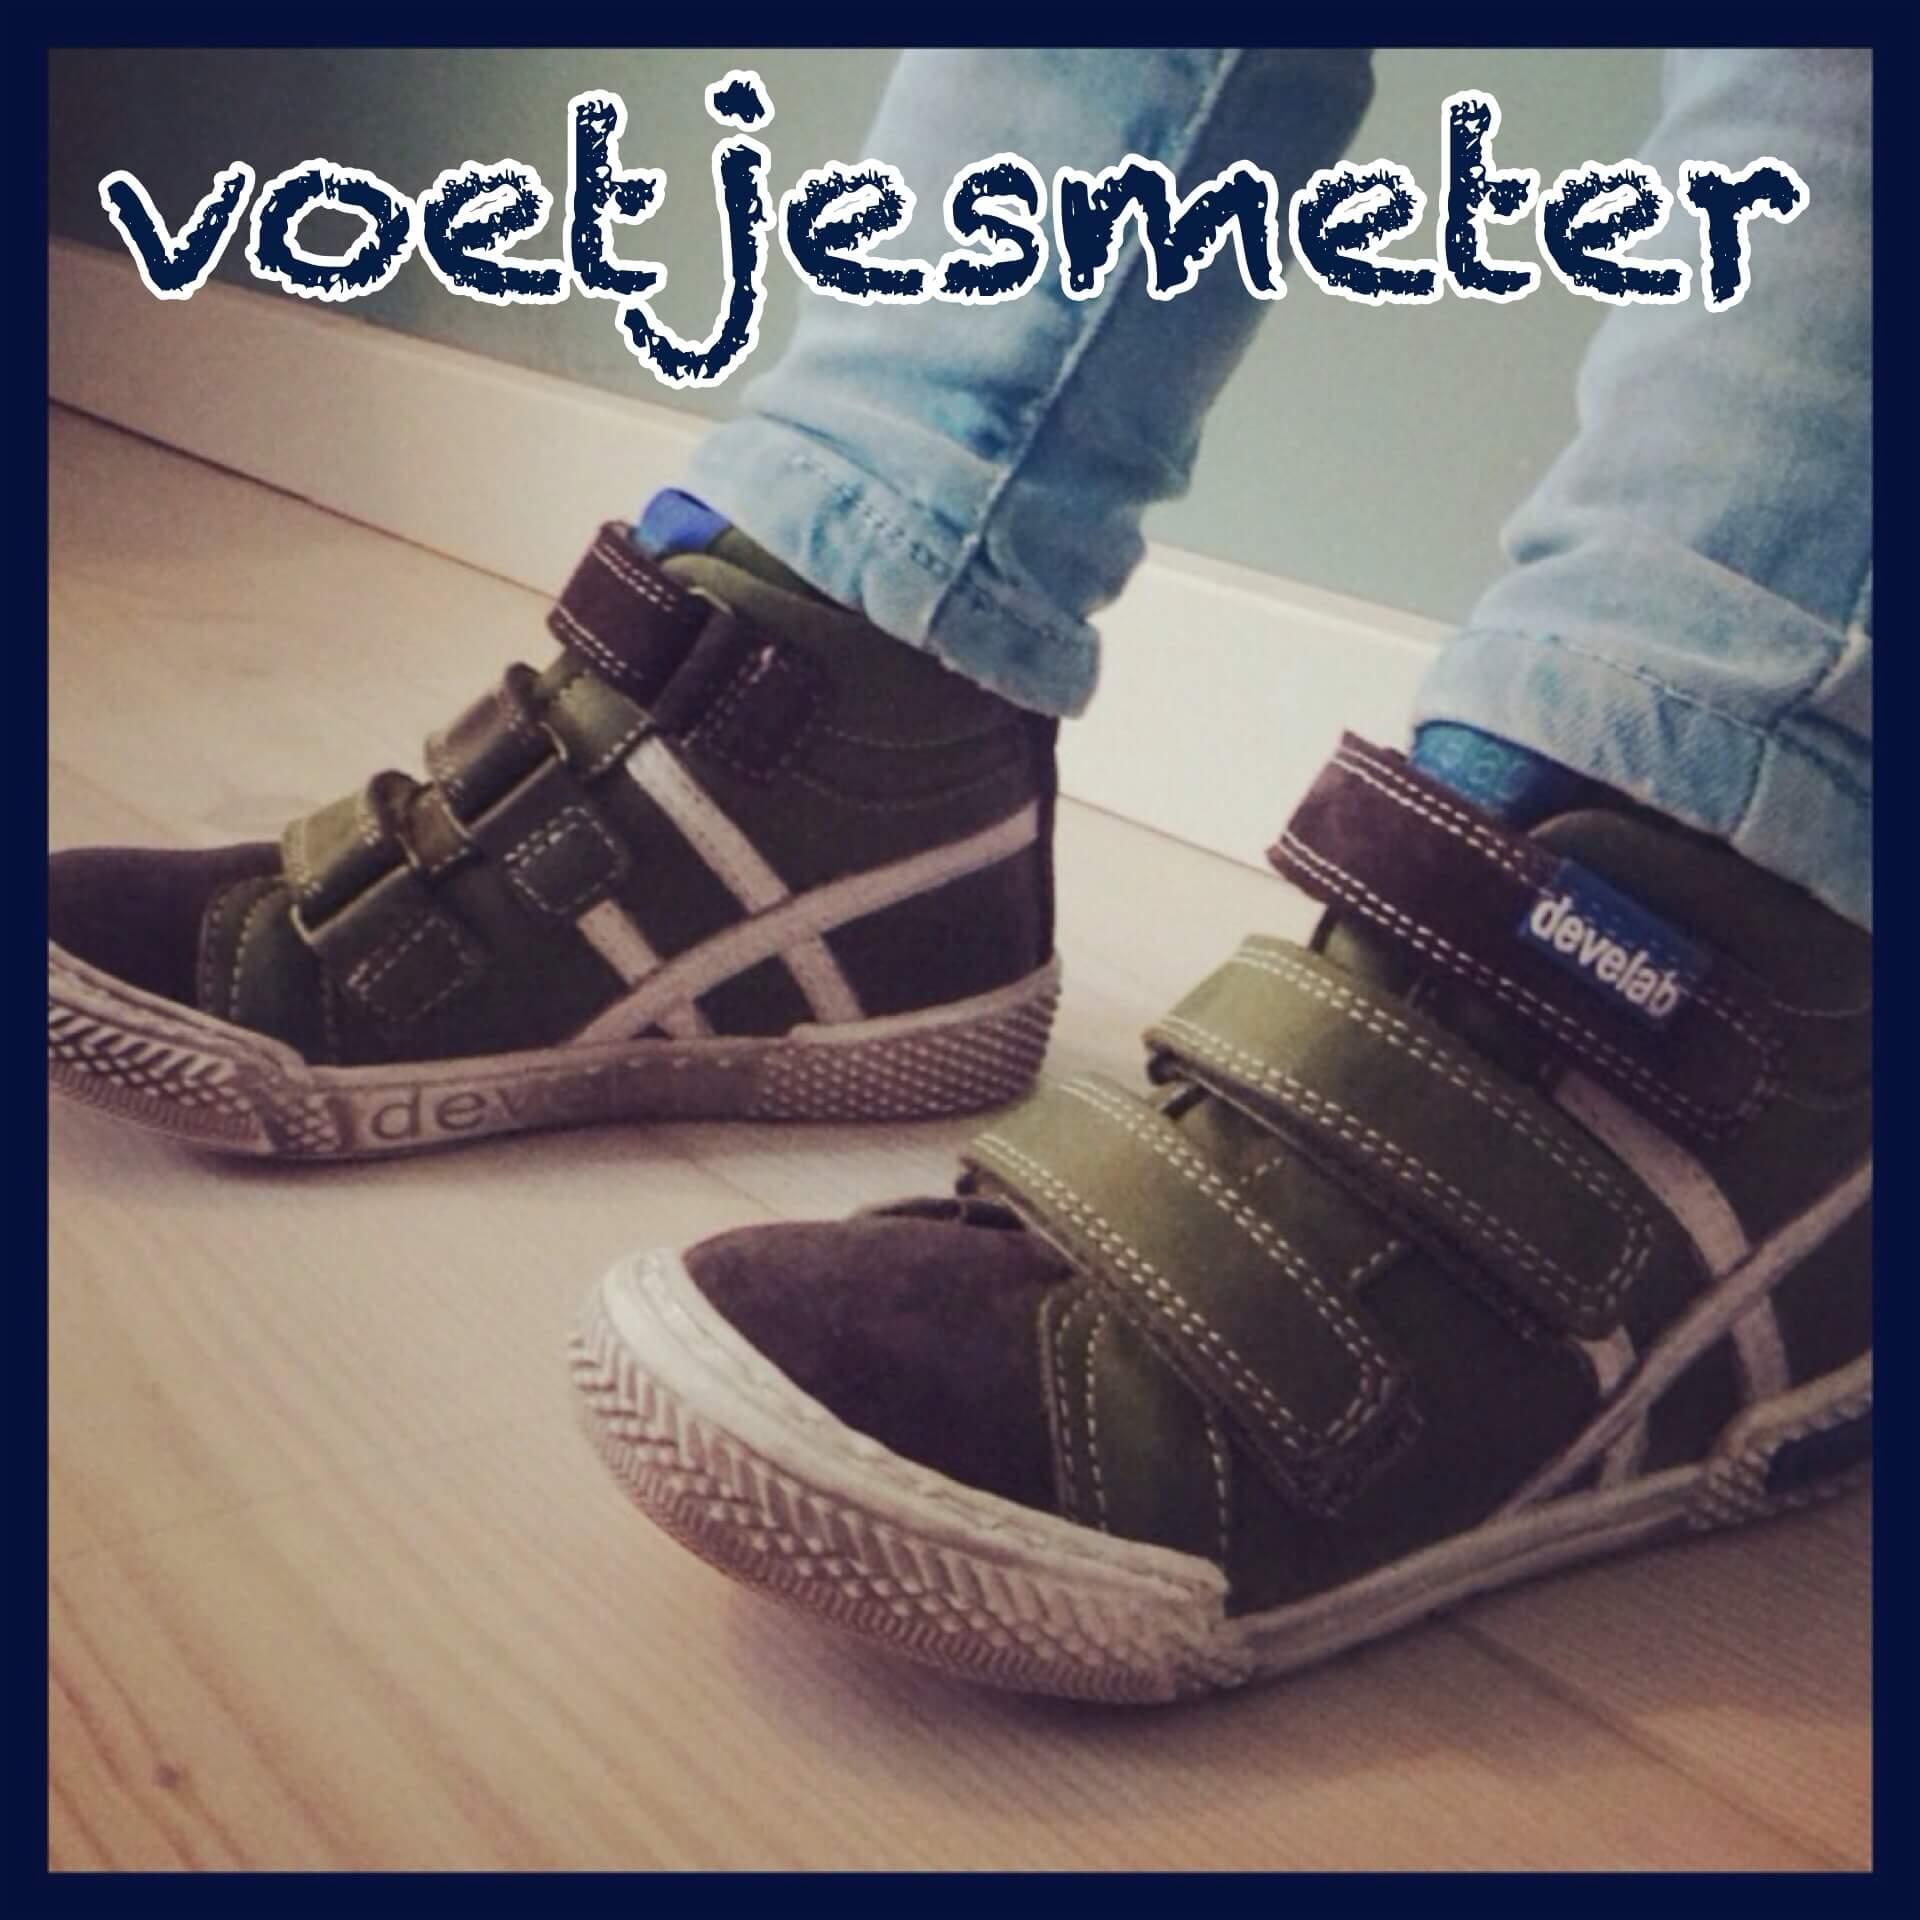 Kinderschoenen: een handige voetjesmeter + de leukste schoenen voor deze winter